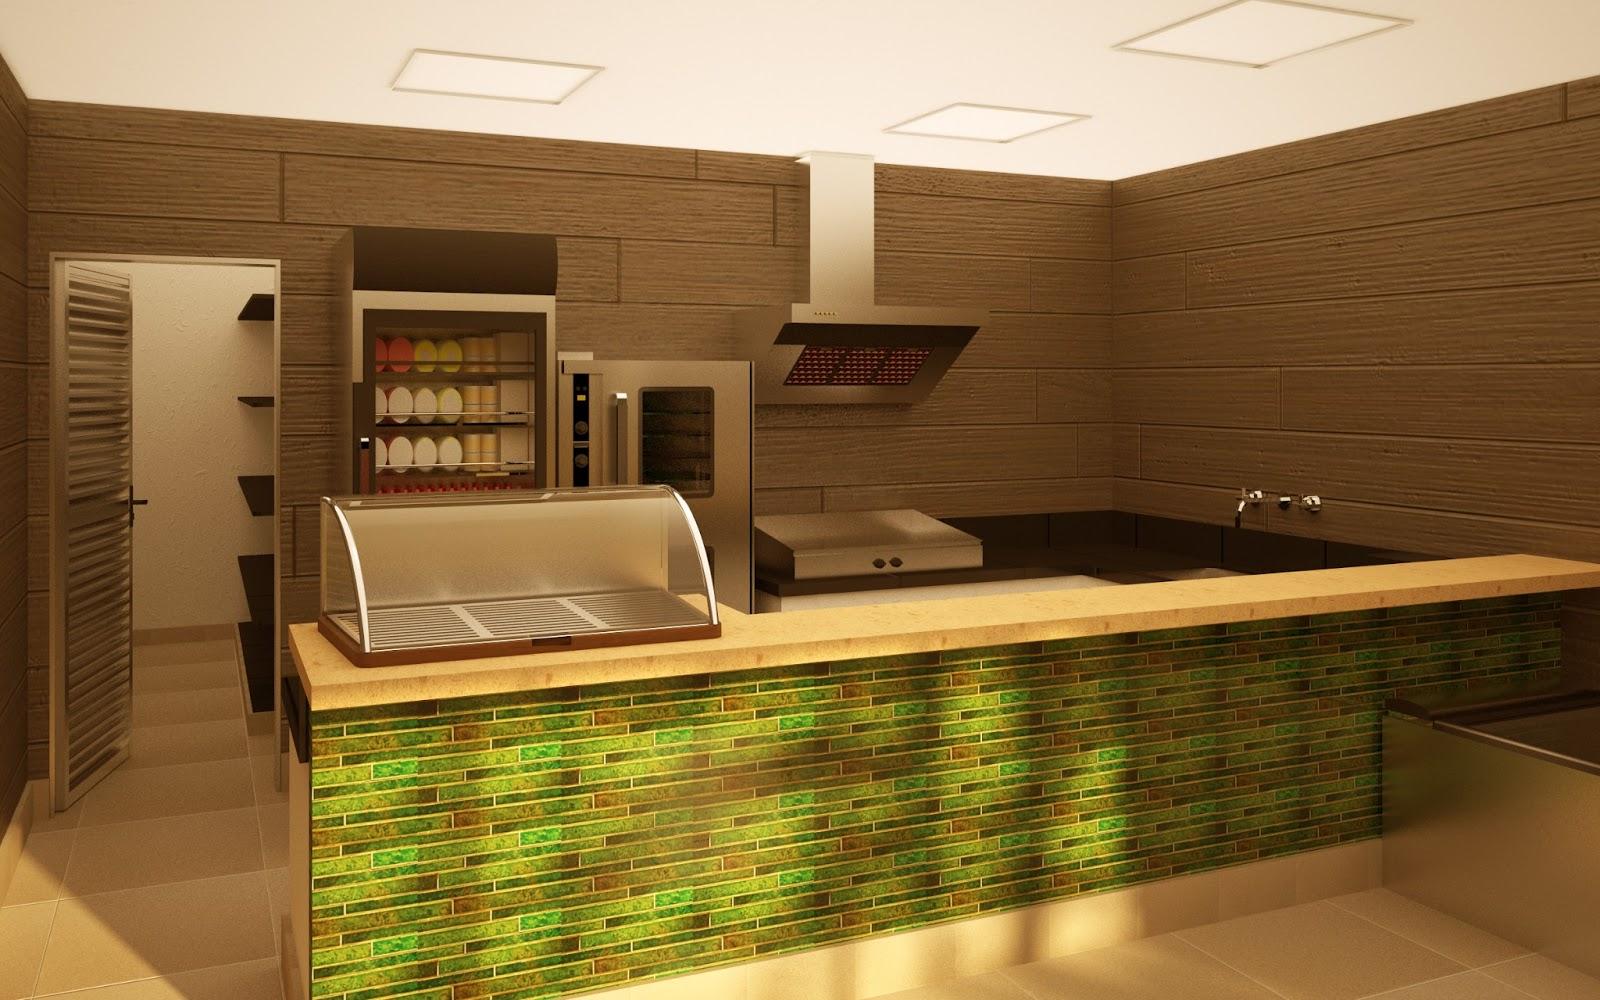 GUILHERME LIMA Projetos e Ilustrações 3D: Julho 2013 #3F2A0C 1600 1000